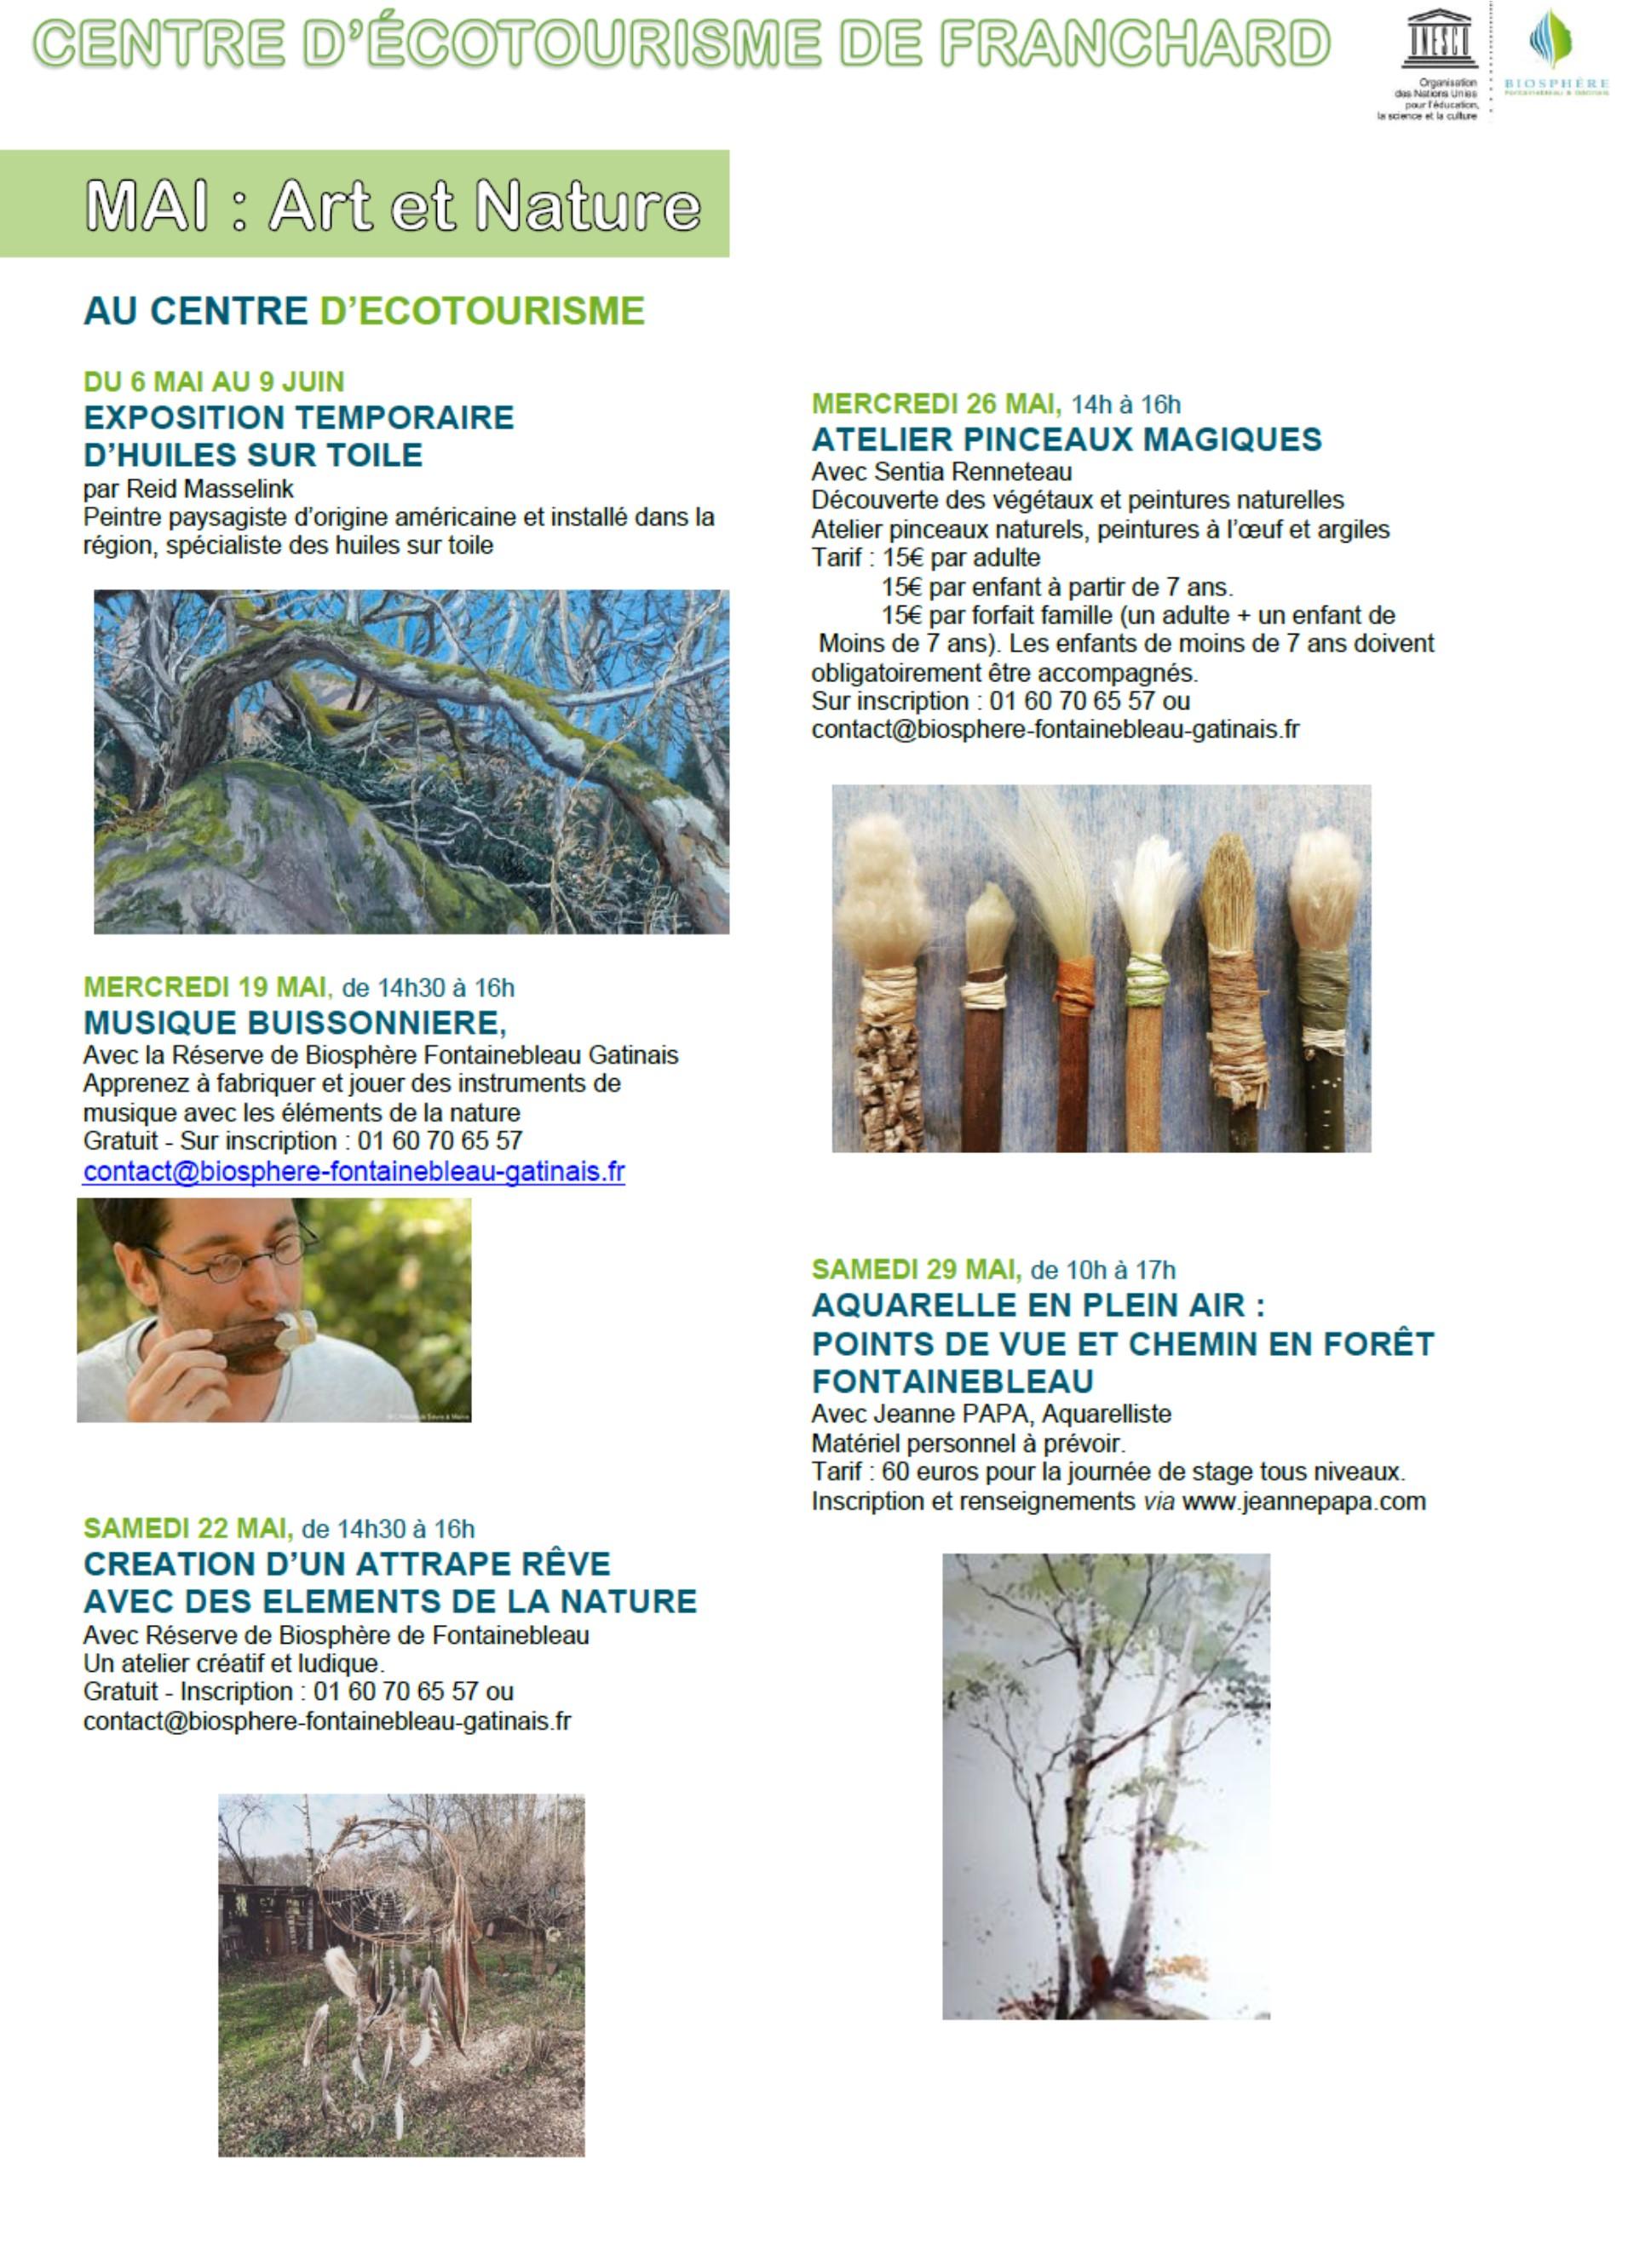 Programme MAI 2021 des activités et animations au centre d'écotourisme de Franchard